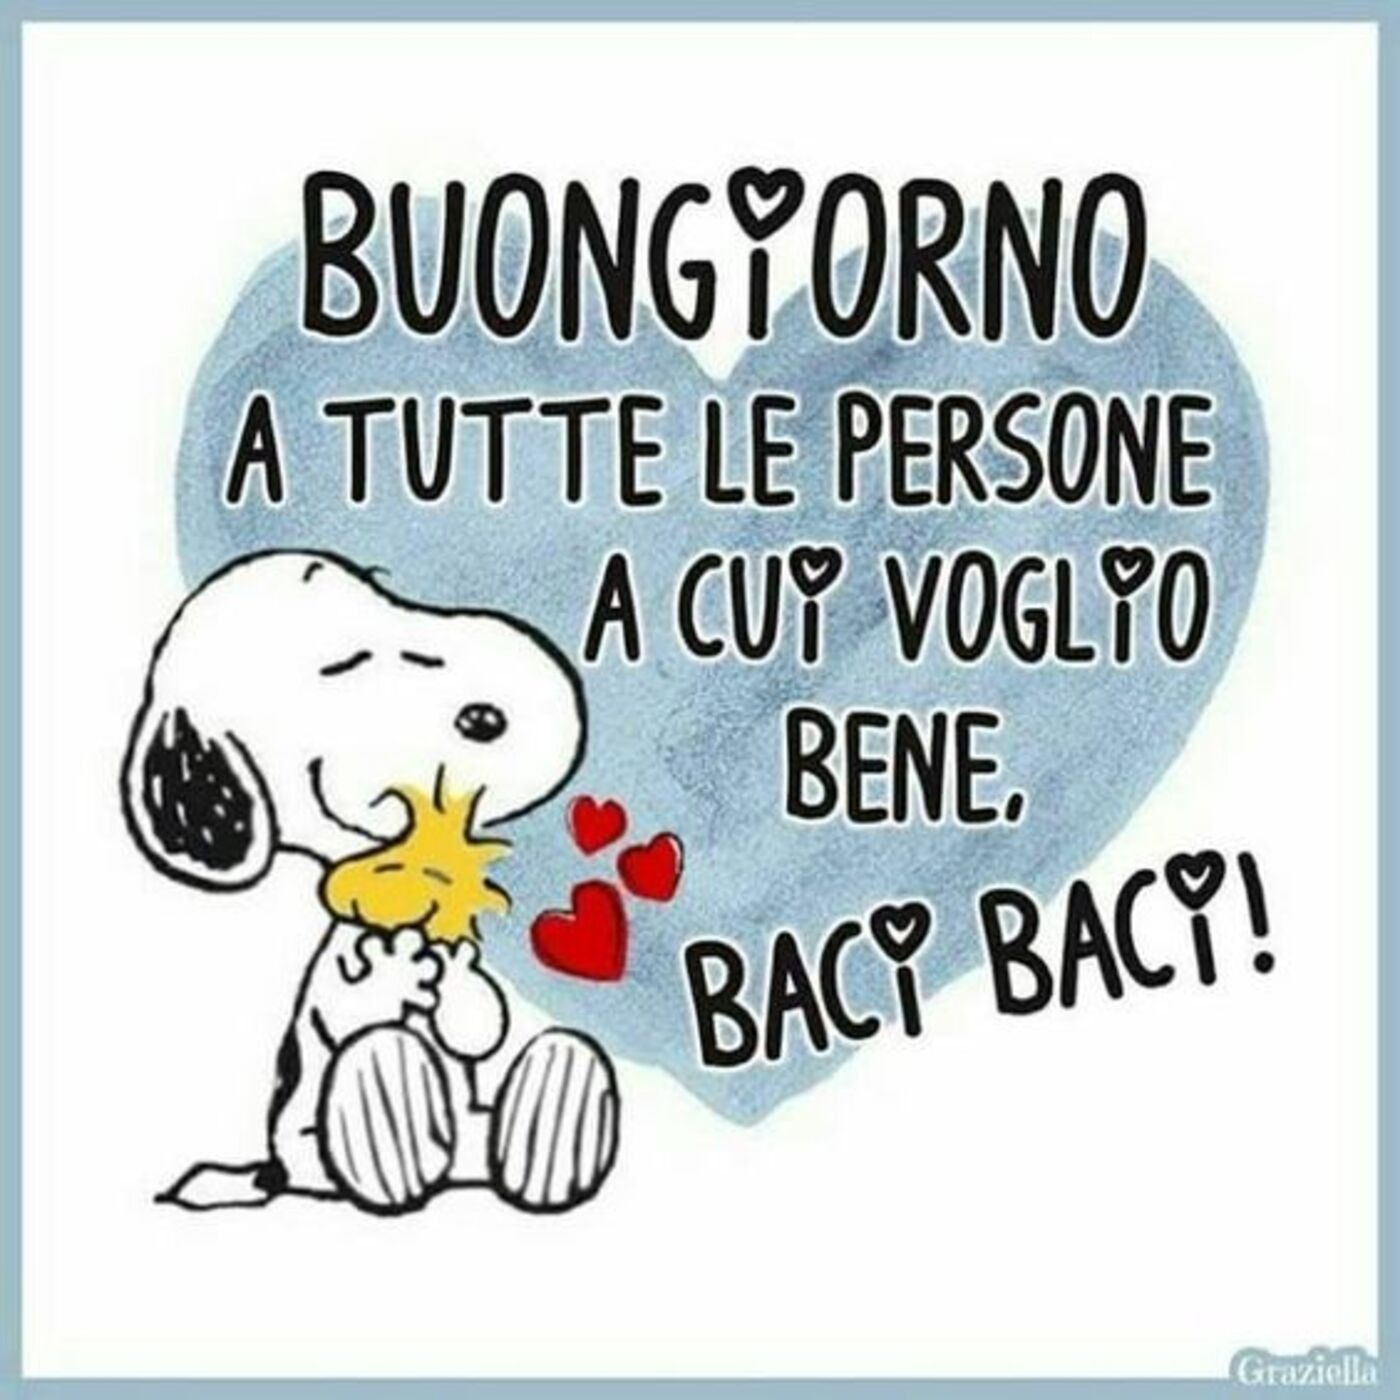 Buongiorno a tutte le persone a cui voglio bene, baci baci (Snoopy)